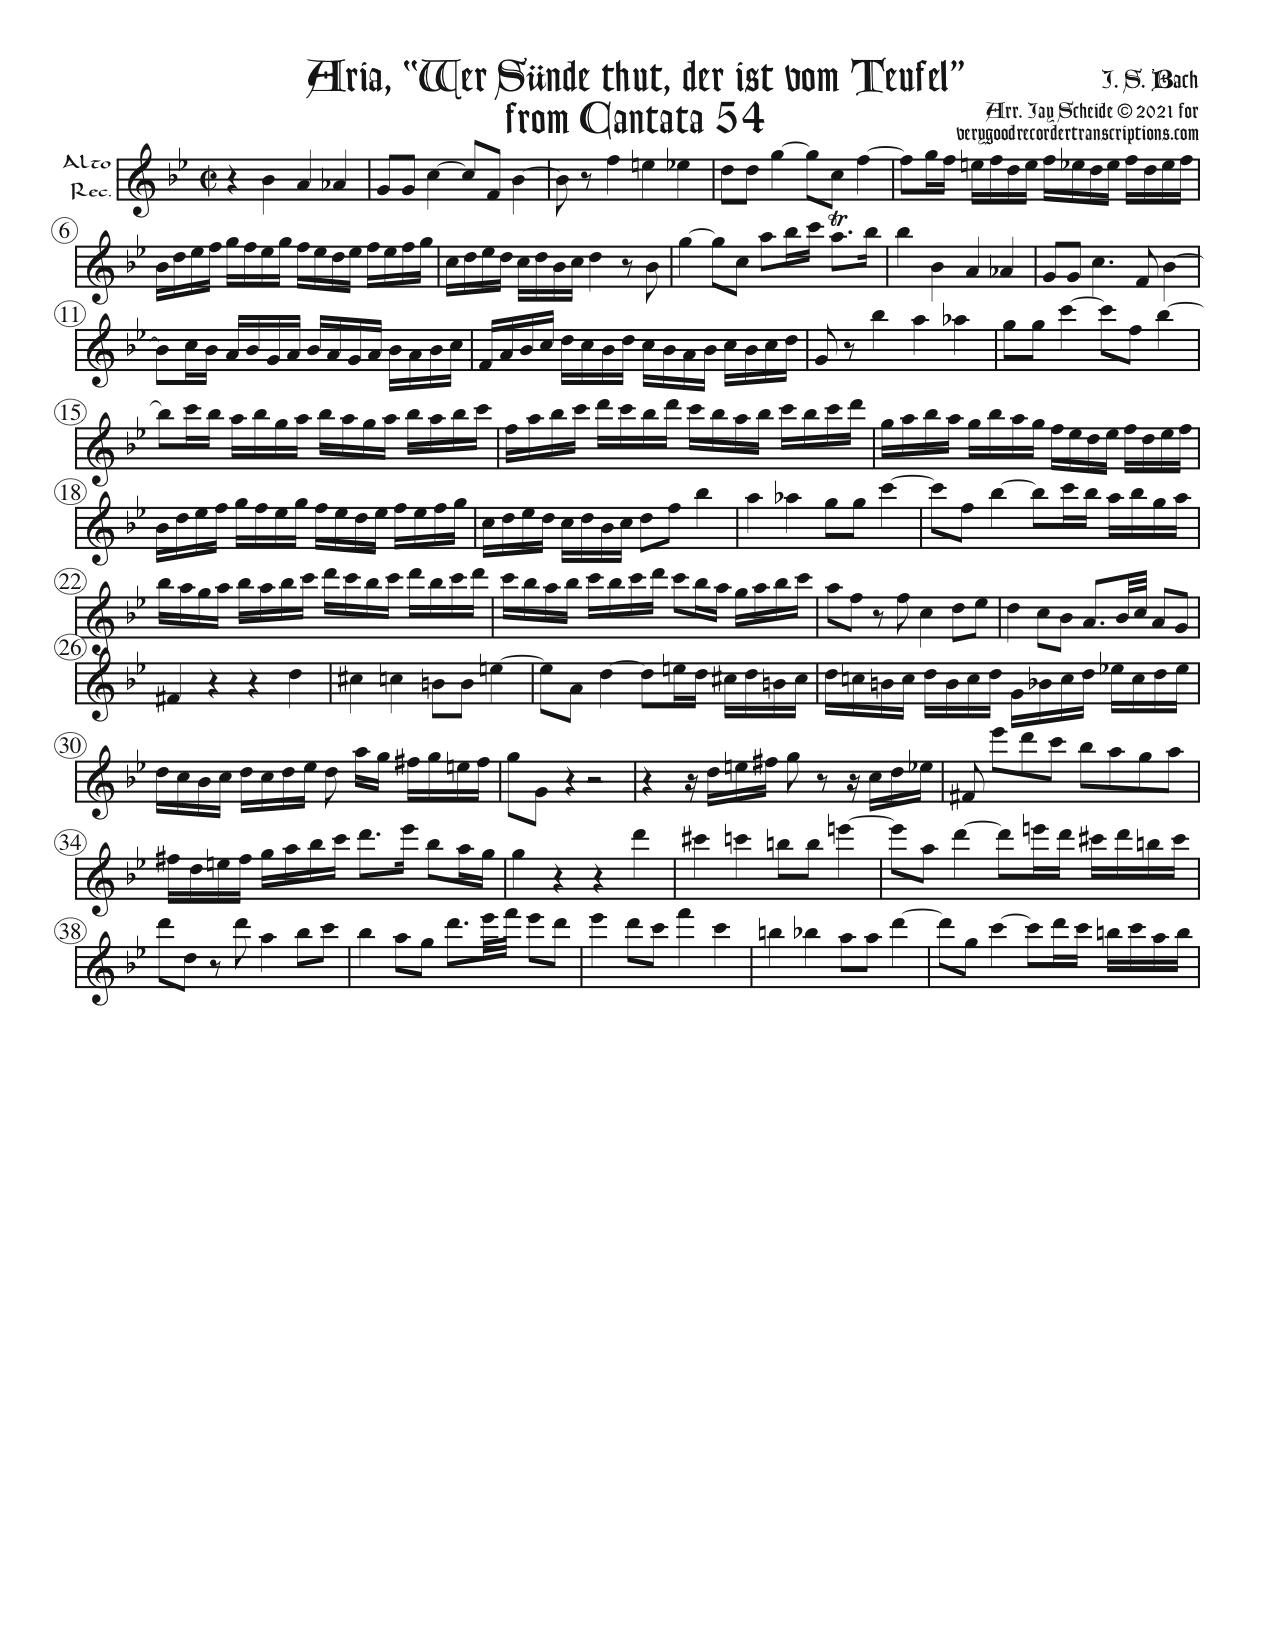 """Aria, """"Wer Sünde thut, der ist vom Teufel"""", from Cantata 54"""